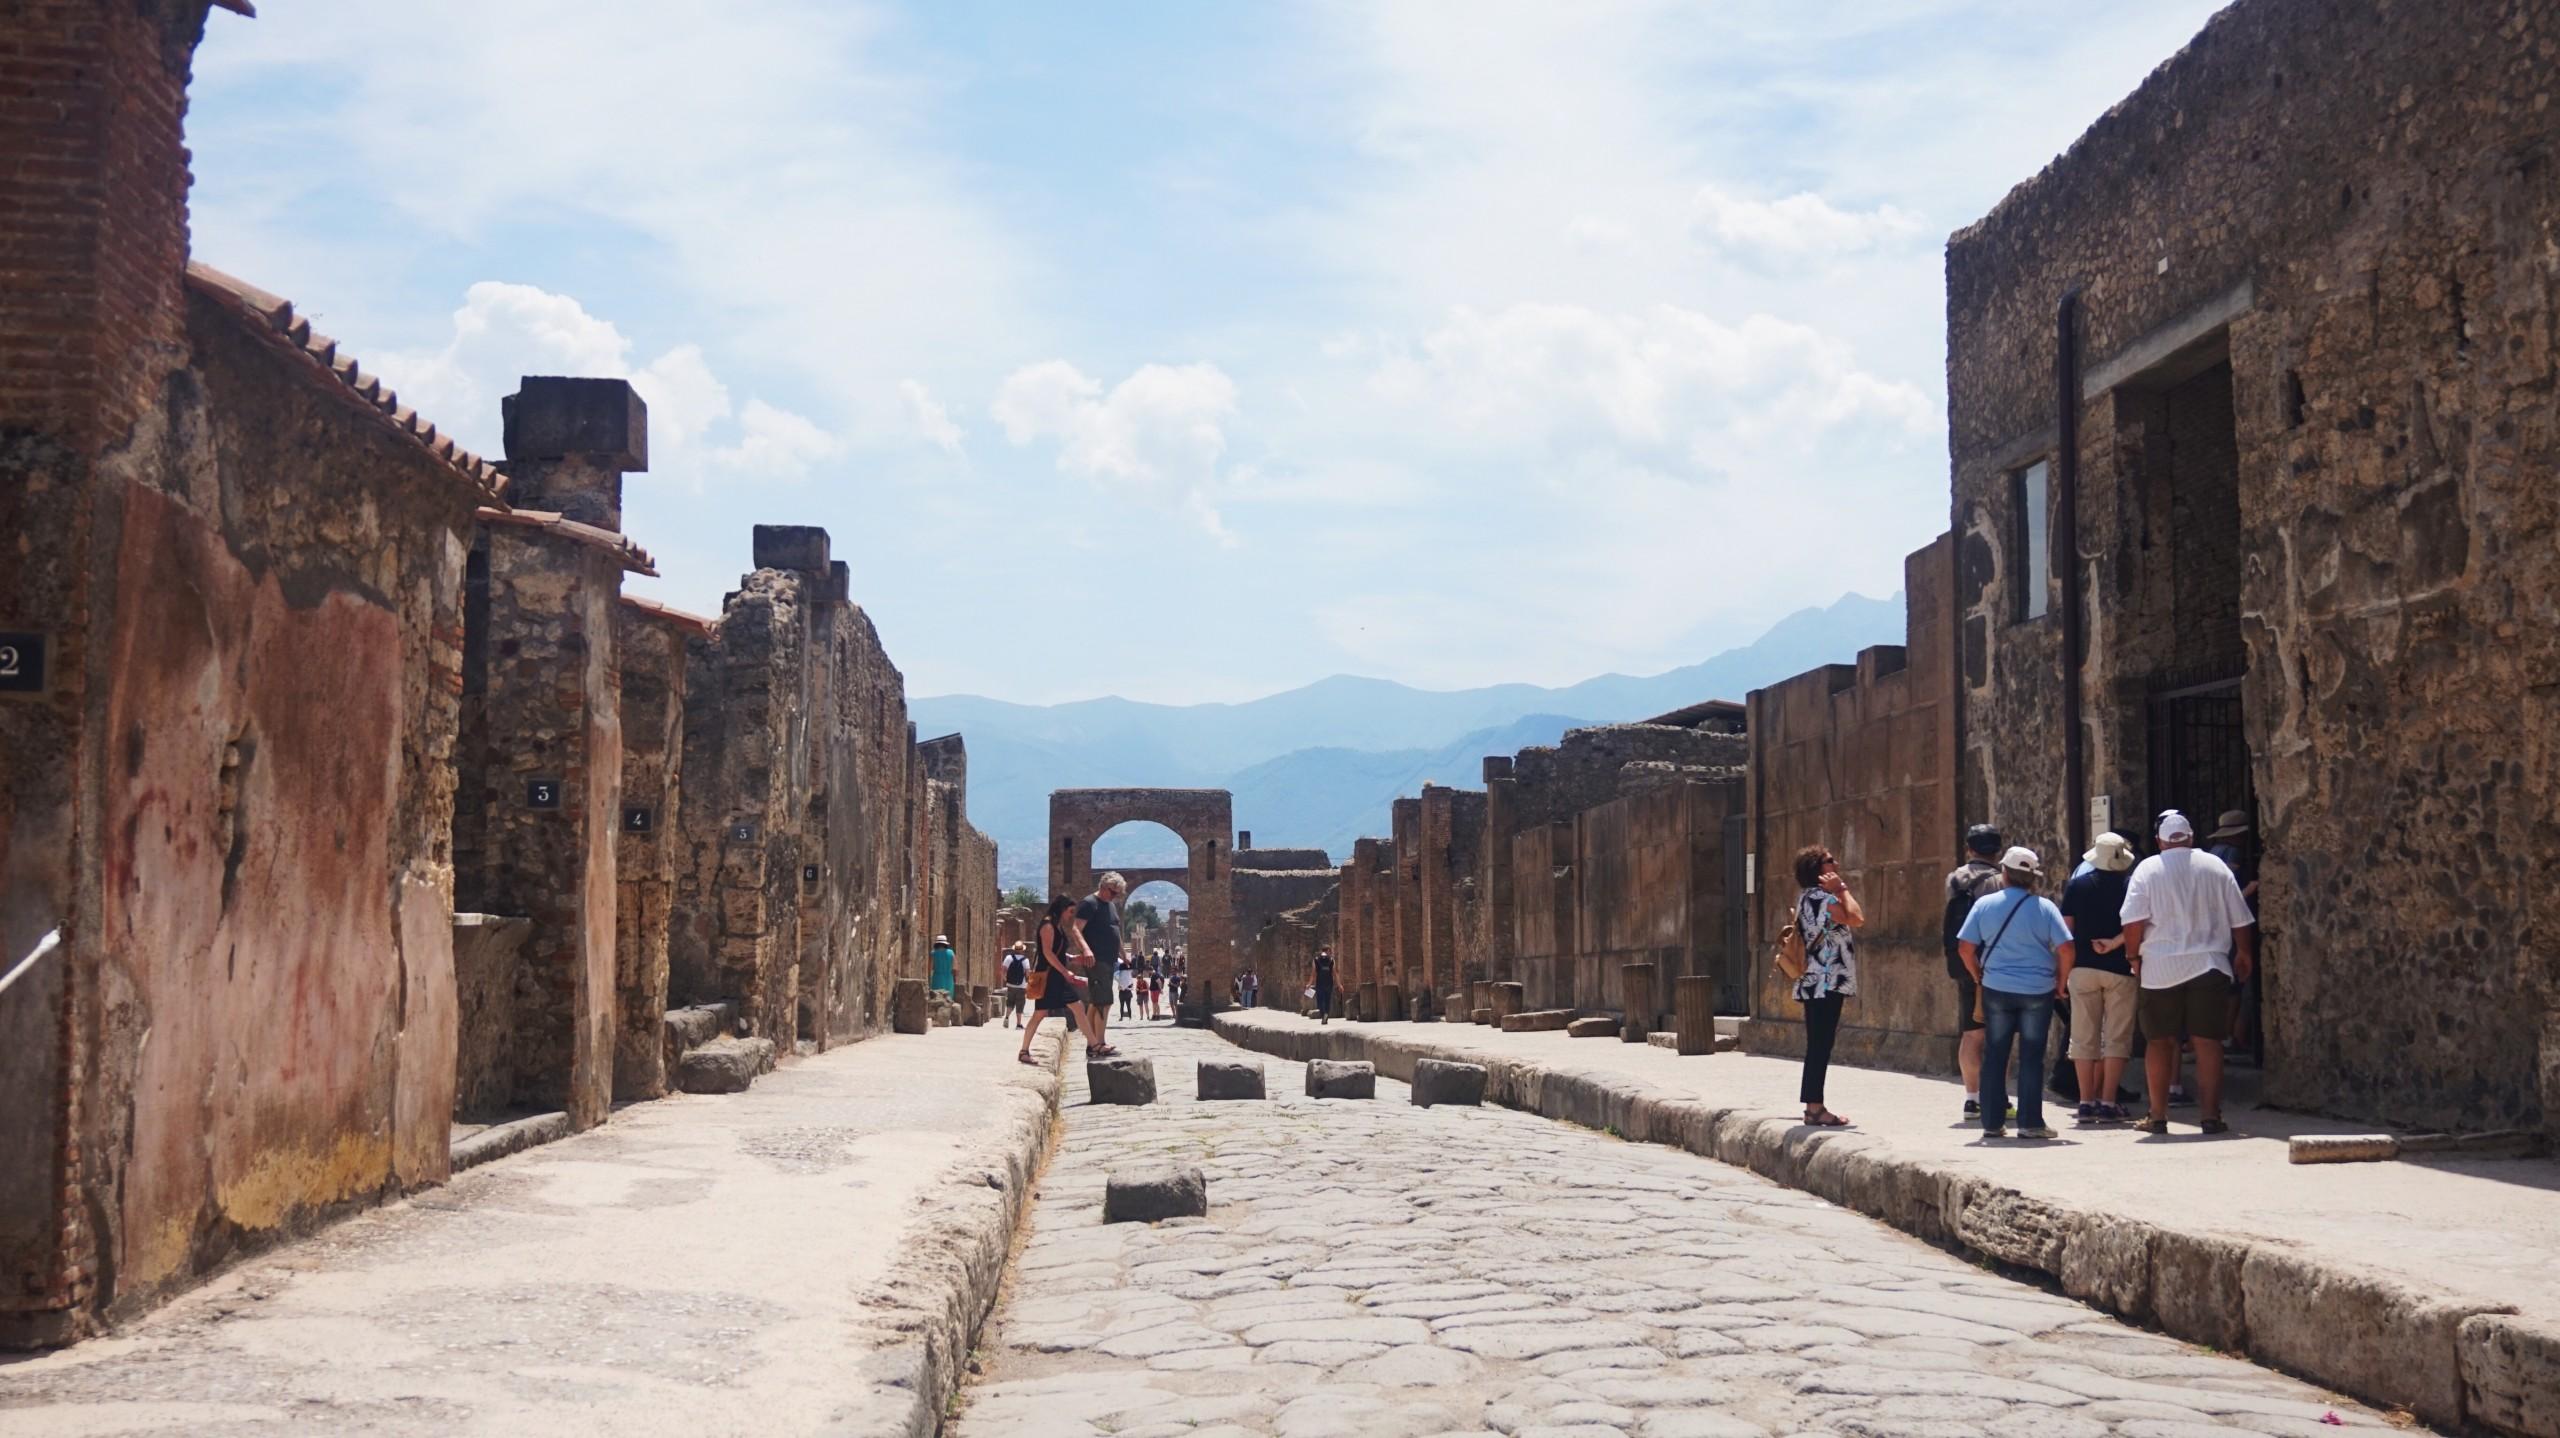 Pompeii in Italy